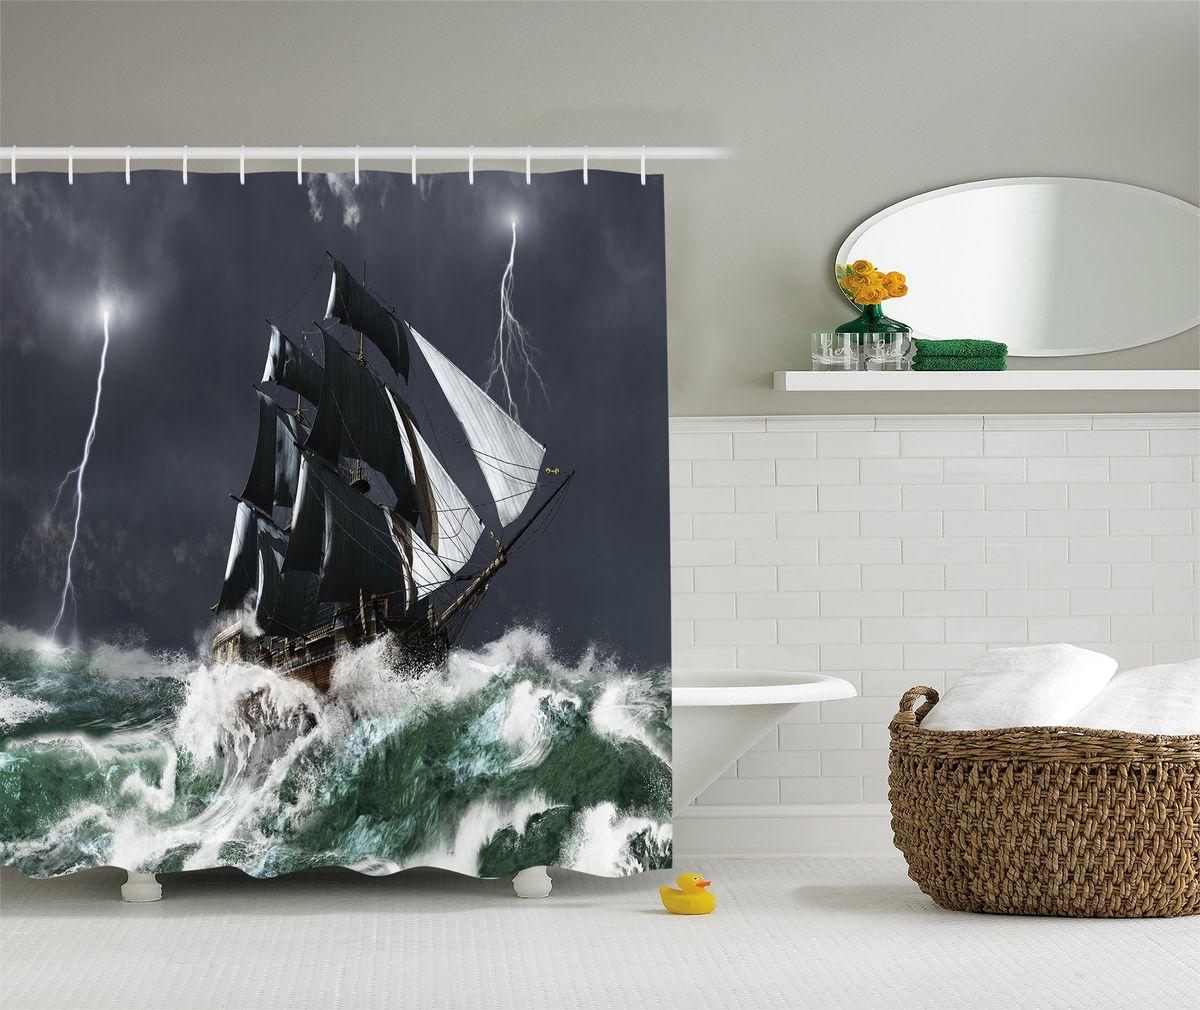 Штора для ванной комнаты Magic Lady Корабль в бурном море, 180 х 200 смшв_8259Штора Magic Lady Корабль в бурном море, изготовленная из высококачественного сатена (полиэстер 100%), отлично дополнит любой интерьер ванной комнаты. При изготовлении используются специальные гипоаллергенные чернила для прямой печати по ткани, безопасные для человека.В комплекте: 1 штора, 12 крючков. Обращаем ваше внимание, фактический цвет изделия может незначительно отличаться от представленного на фото.